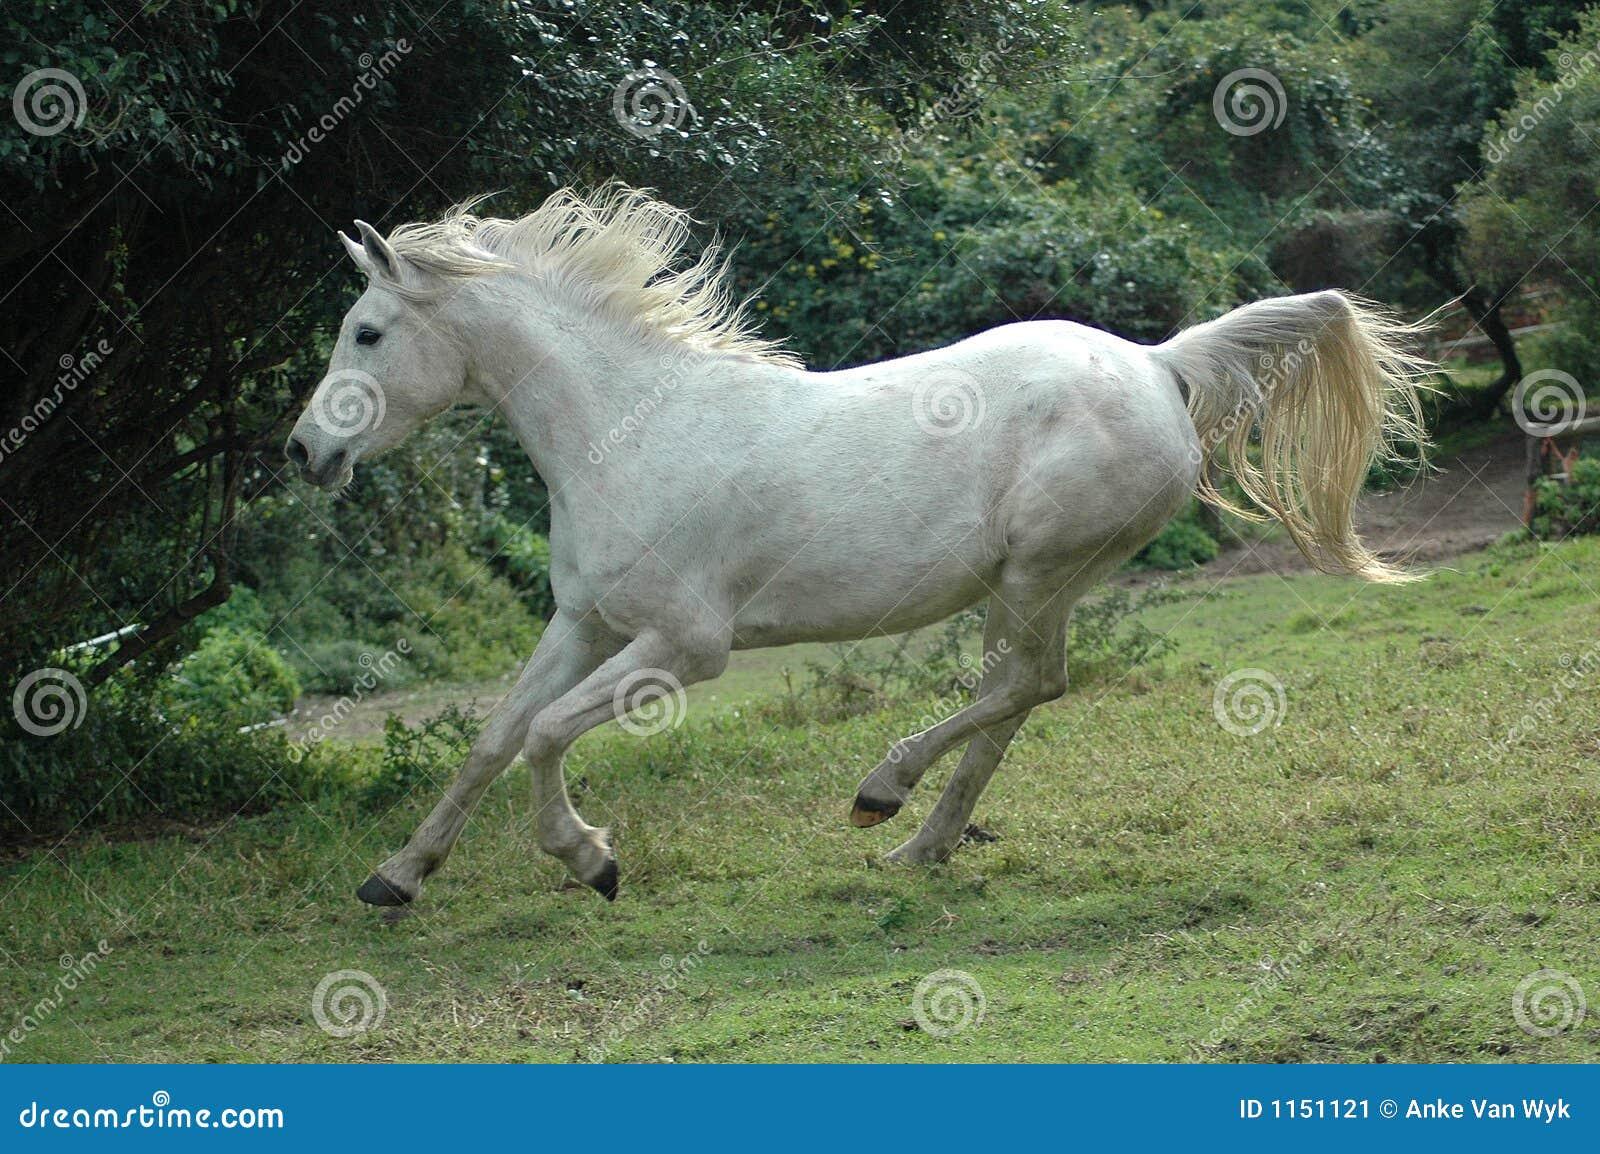 Arabian horse galloping